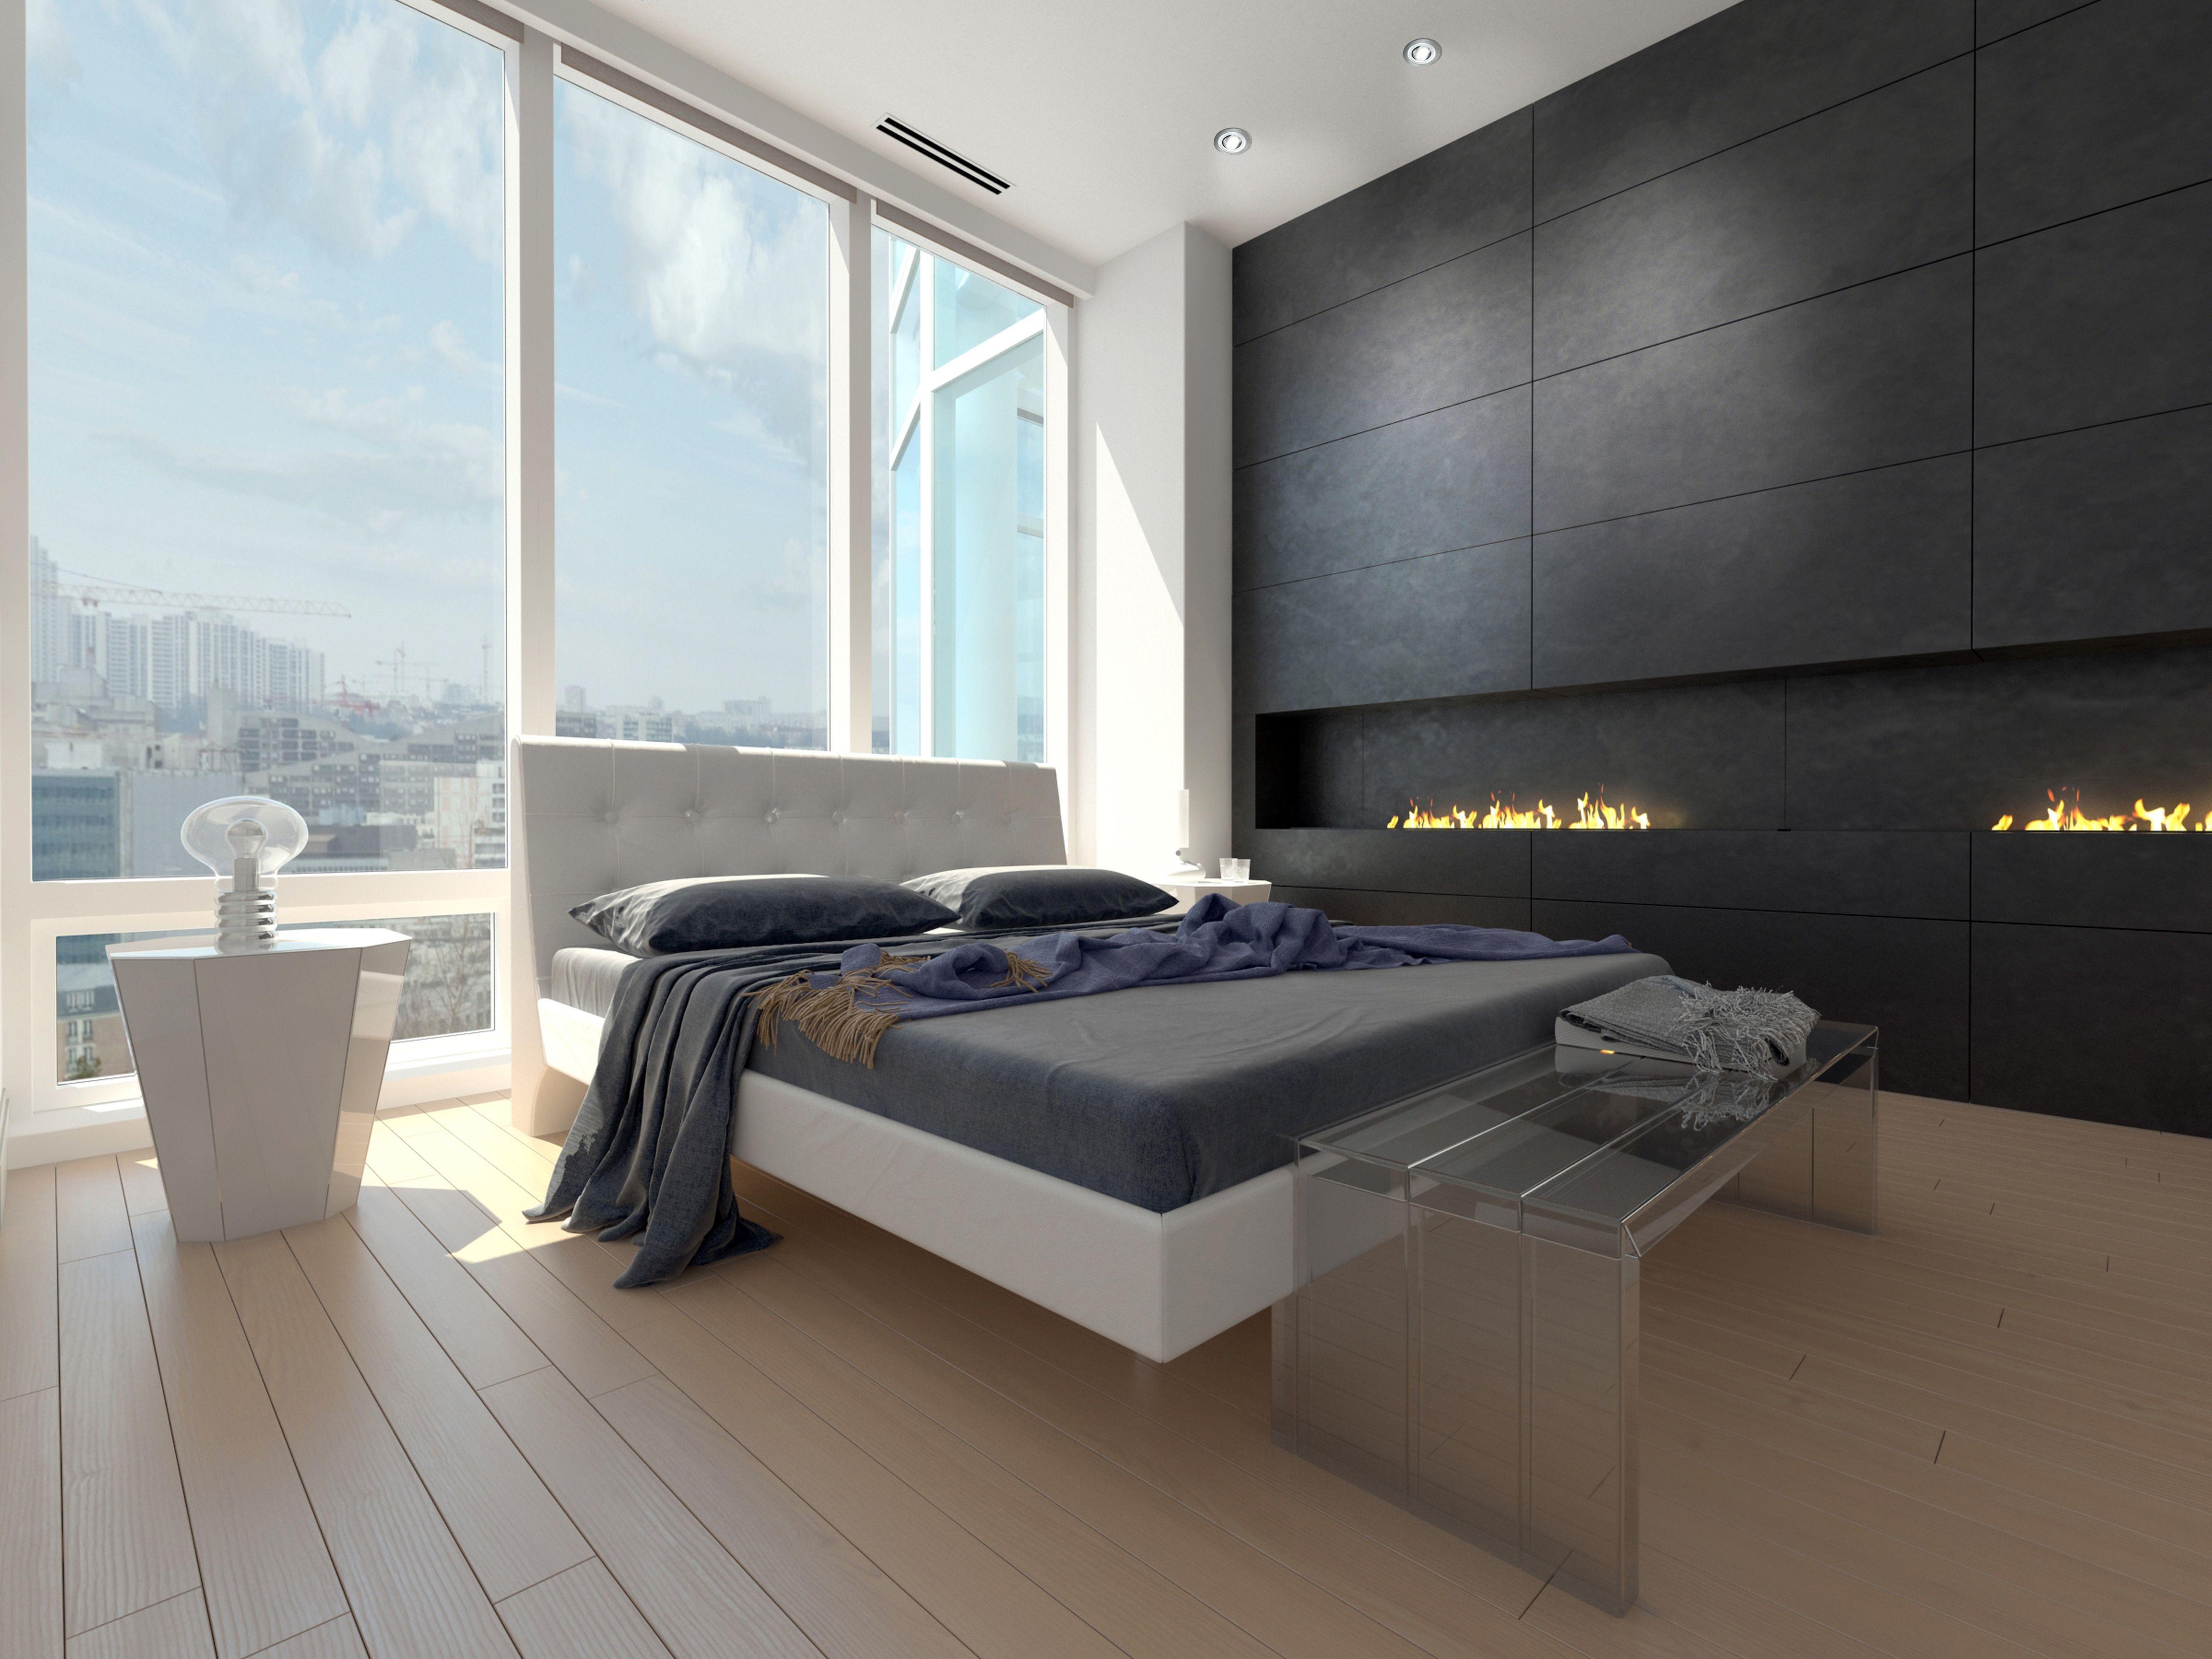 Dormitorio de estilo moderno con un dise o minimalista grandes cristaleras y focos empotrables - Focos para dormitorios ...